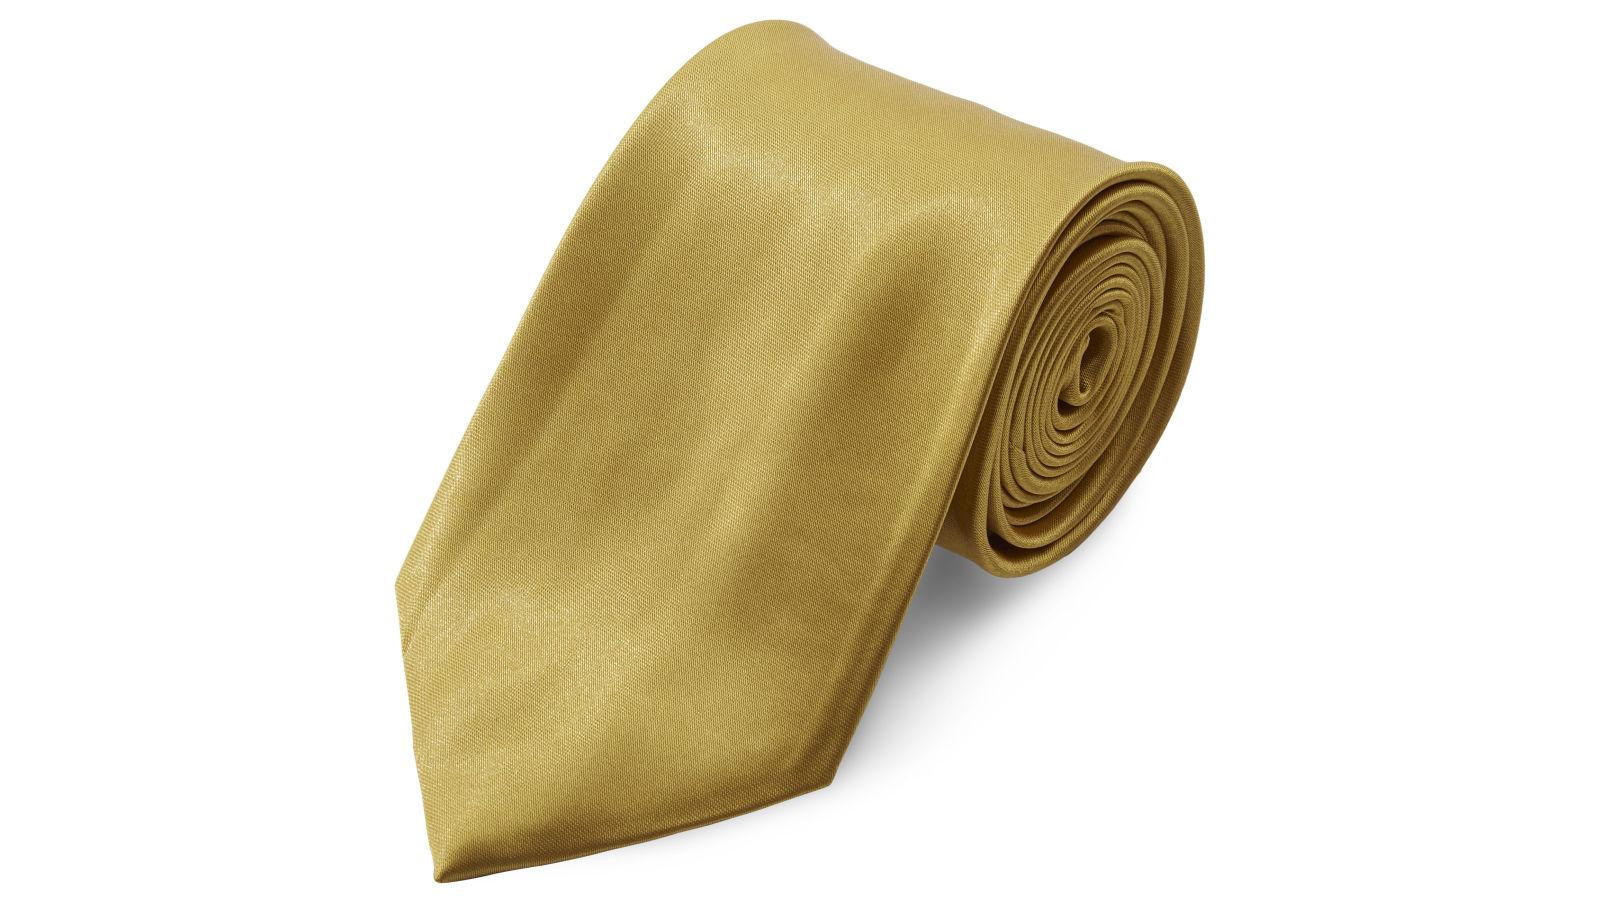 9edd937c34 Fényes aranyszínű nyakkendő - 8 cm | Készleten! | TND Basics